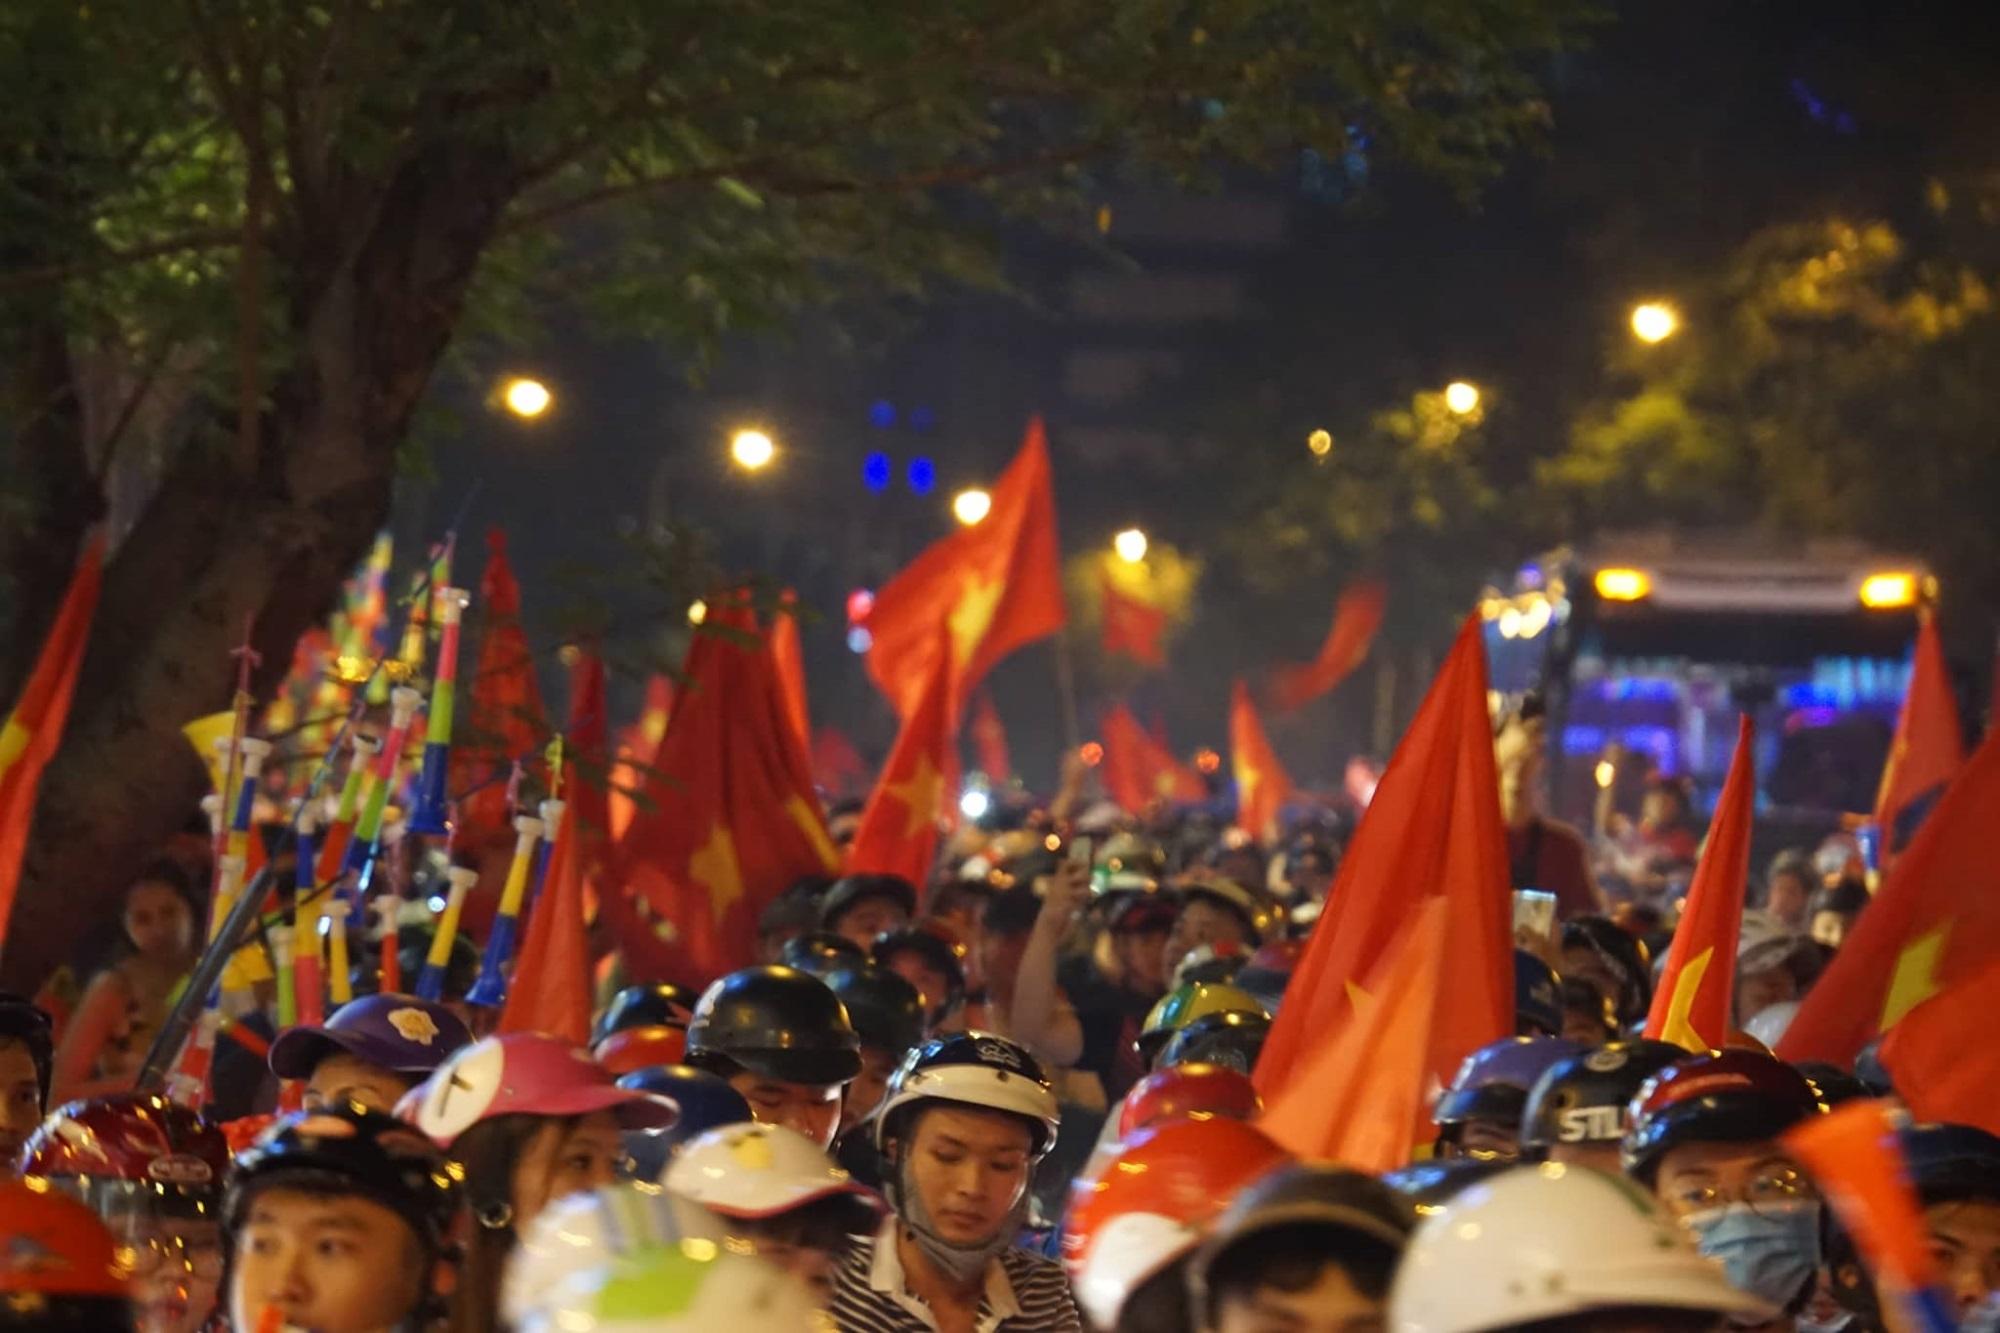 Pháo sáng, cờ hoa rực rỡ Sài Gòn khi triệu người xuống đường ăn mừng Việt Nam vào chung kết AFF Cup 2018 - Ảnh 9